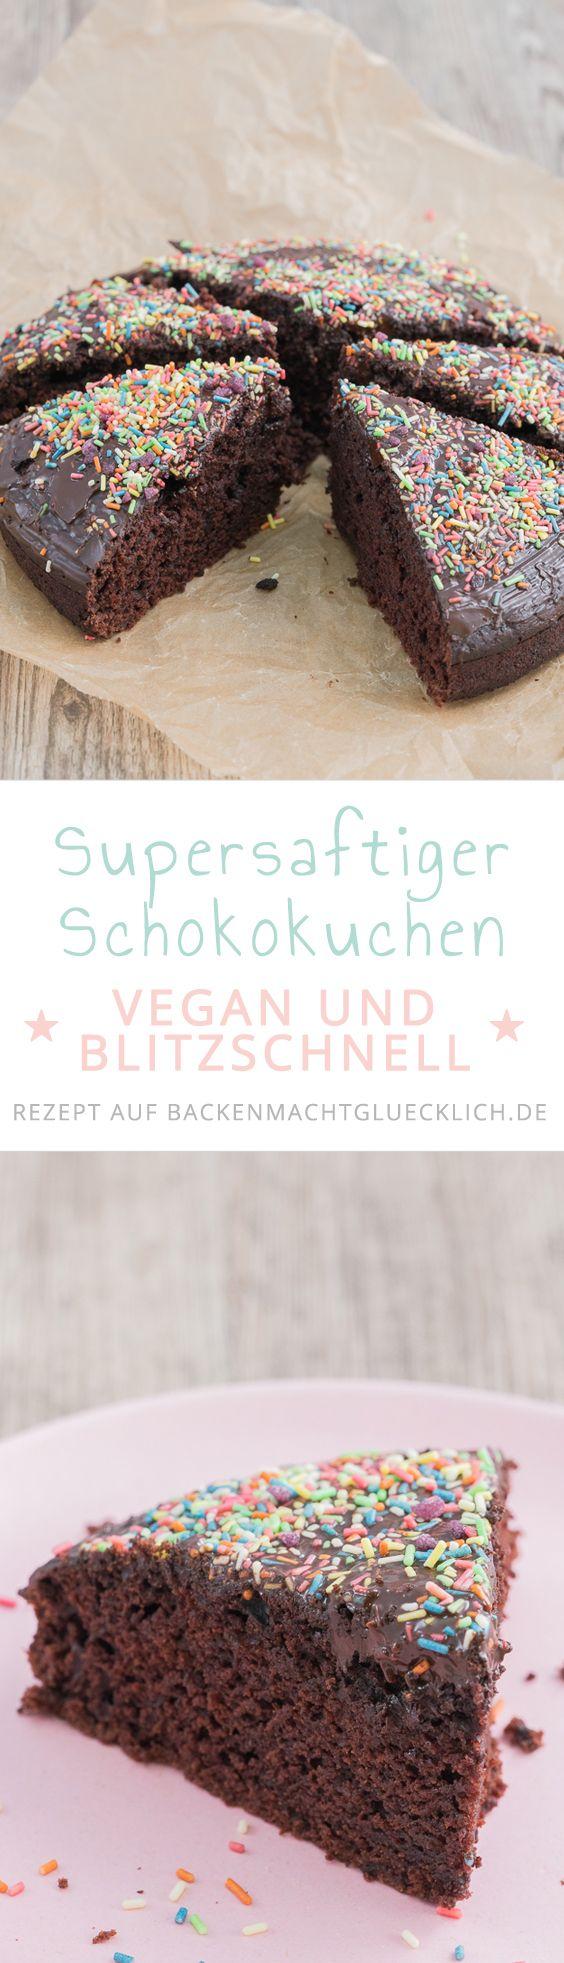 Bester veganer Schokokuchen ohne Ei | Backen macht glücklich #vegetarianrecipes